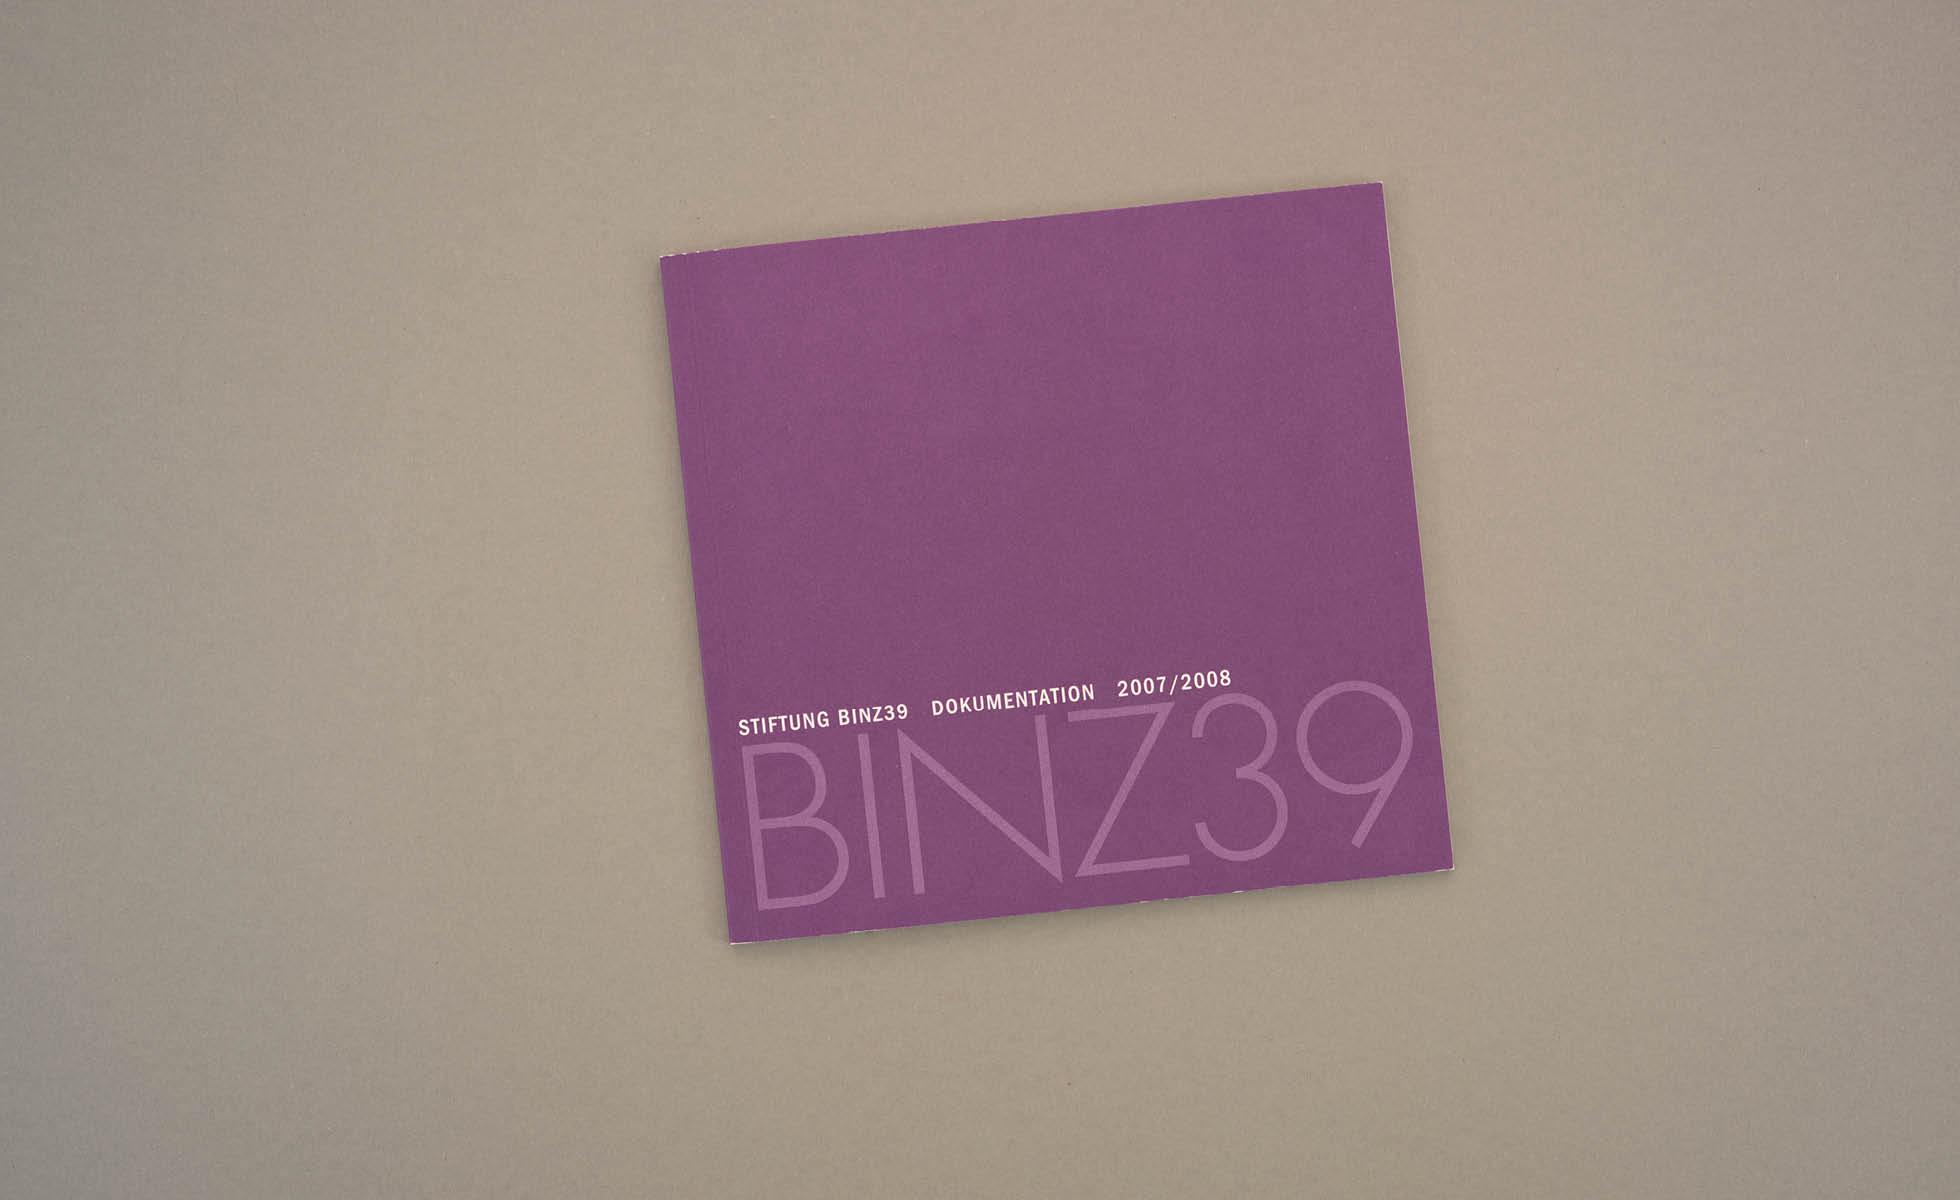 katalog_binz39_01